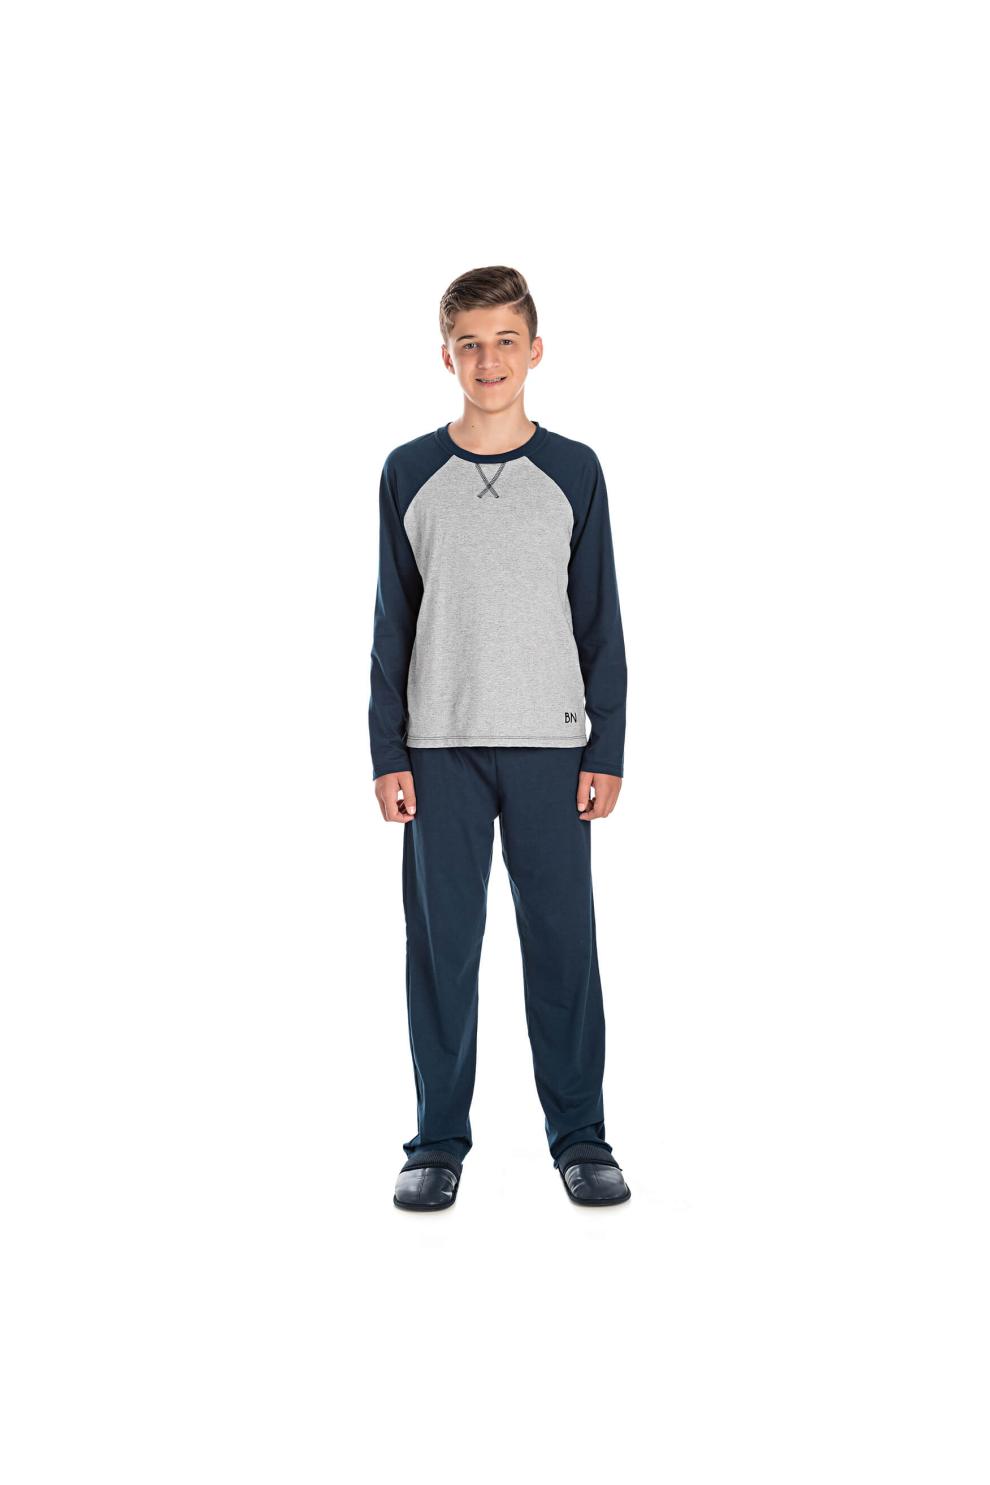 019/J - Pijama Juvenil Masculino com Aplique Termocolante